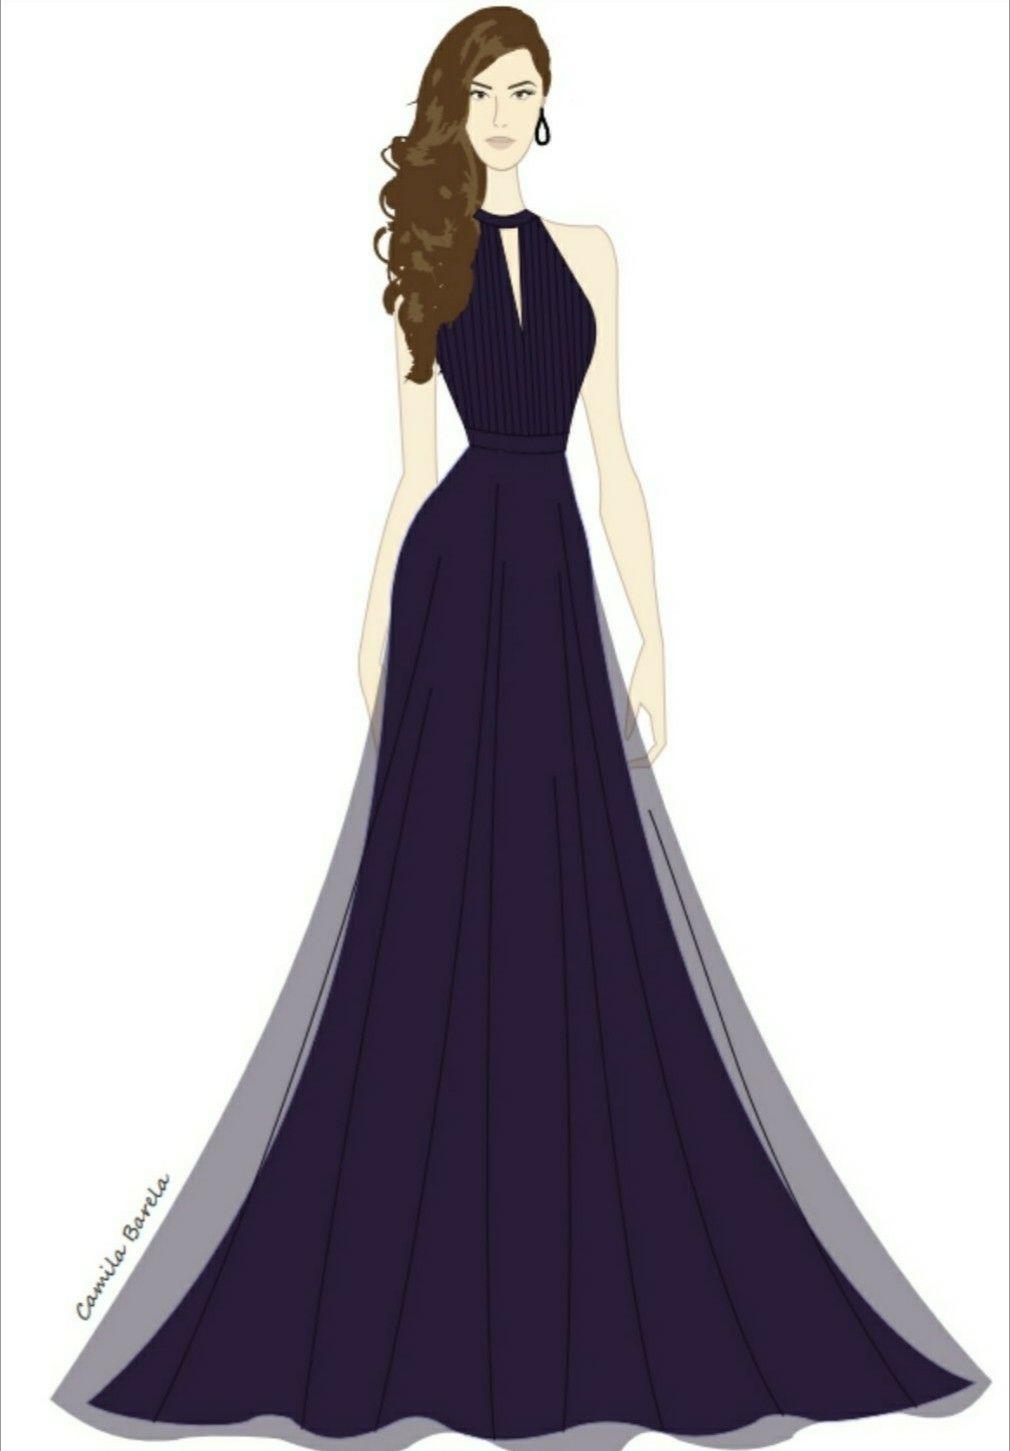 4be1e0eae5 Vestido longo violeta. Vestido drapeado